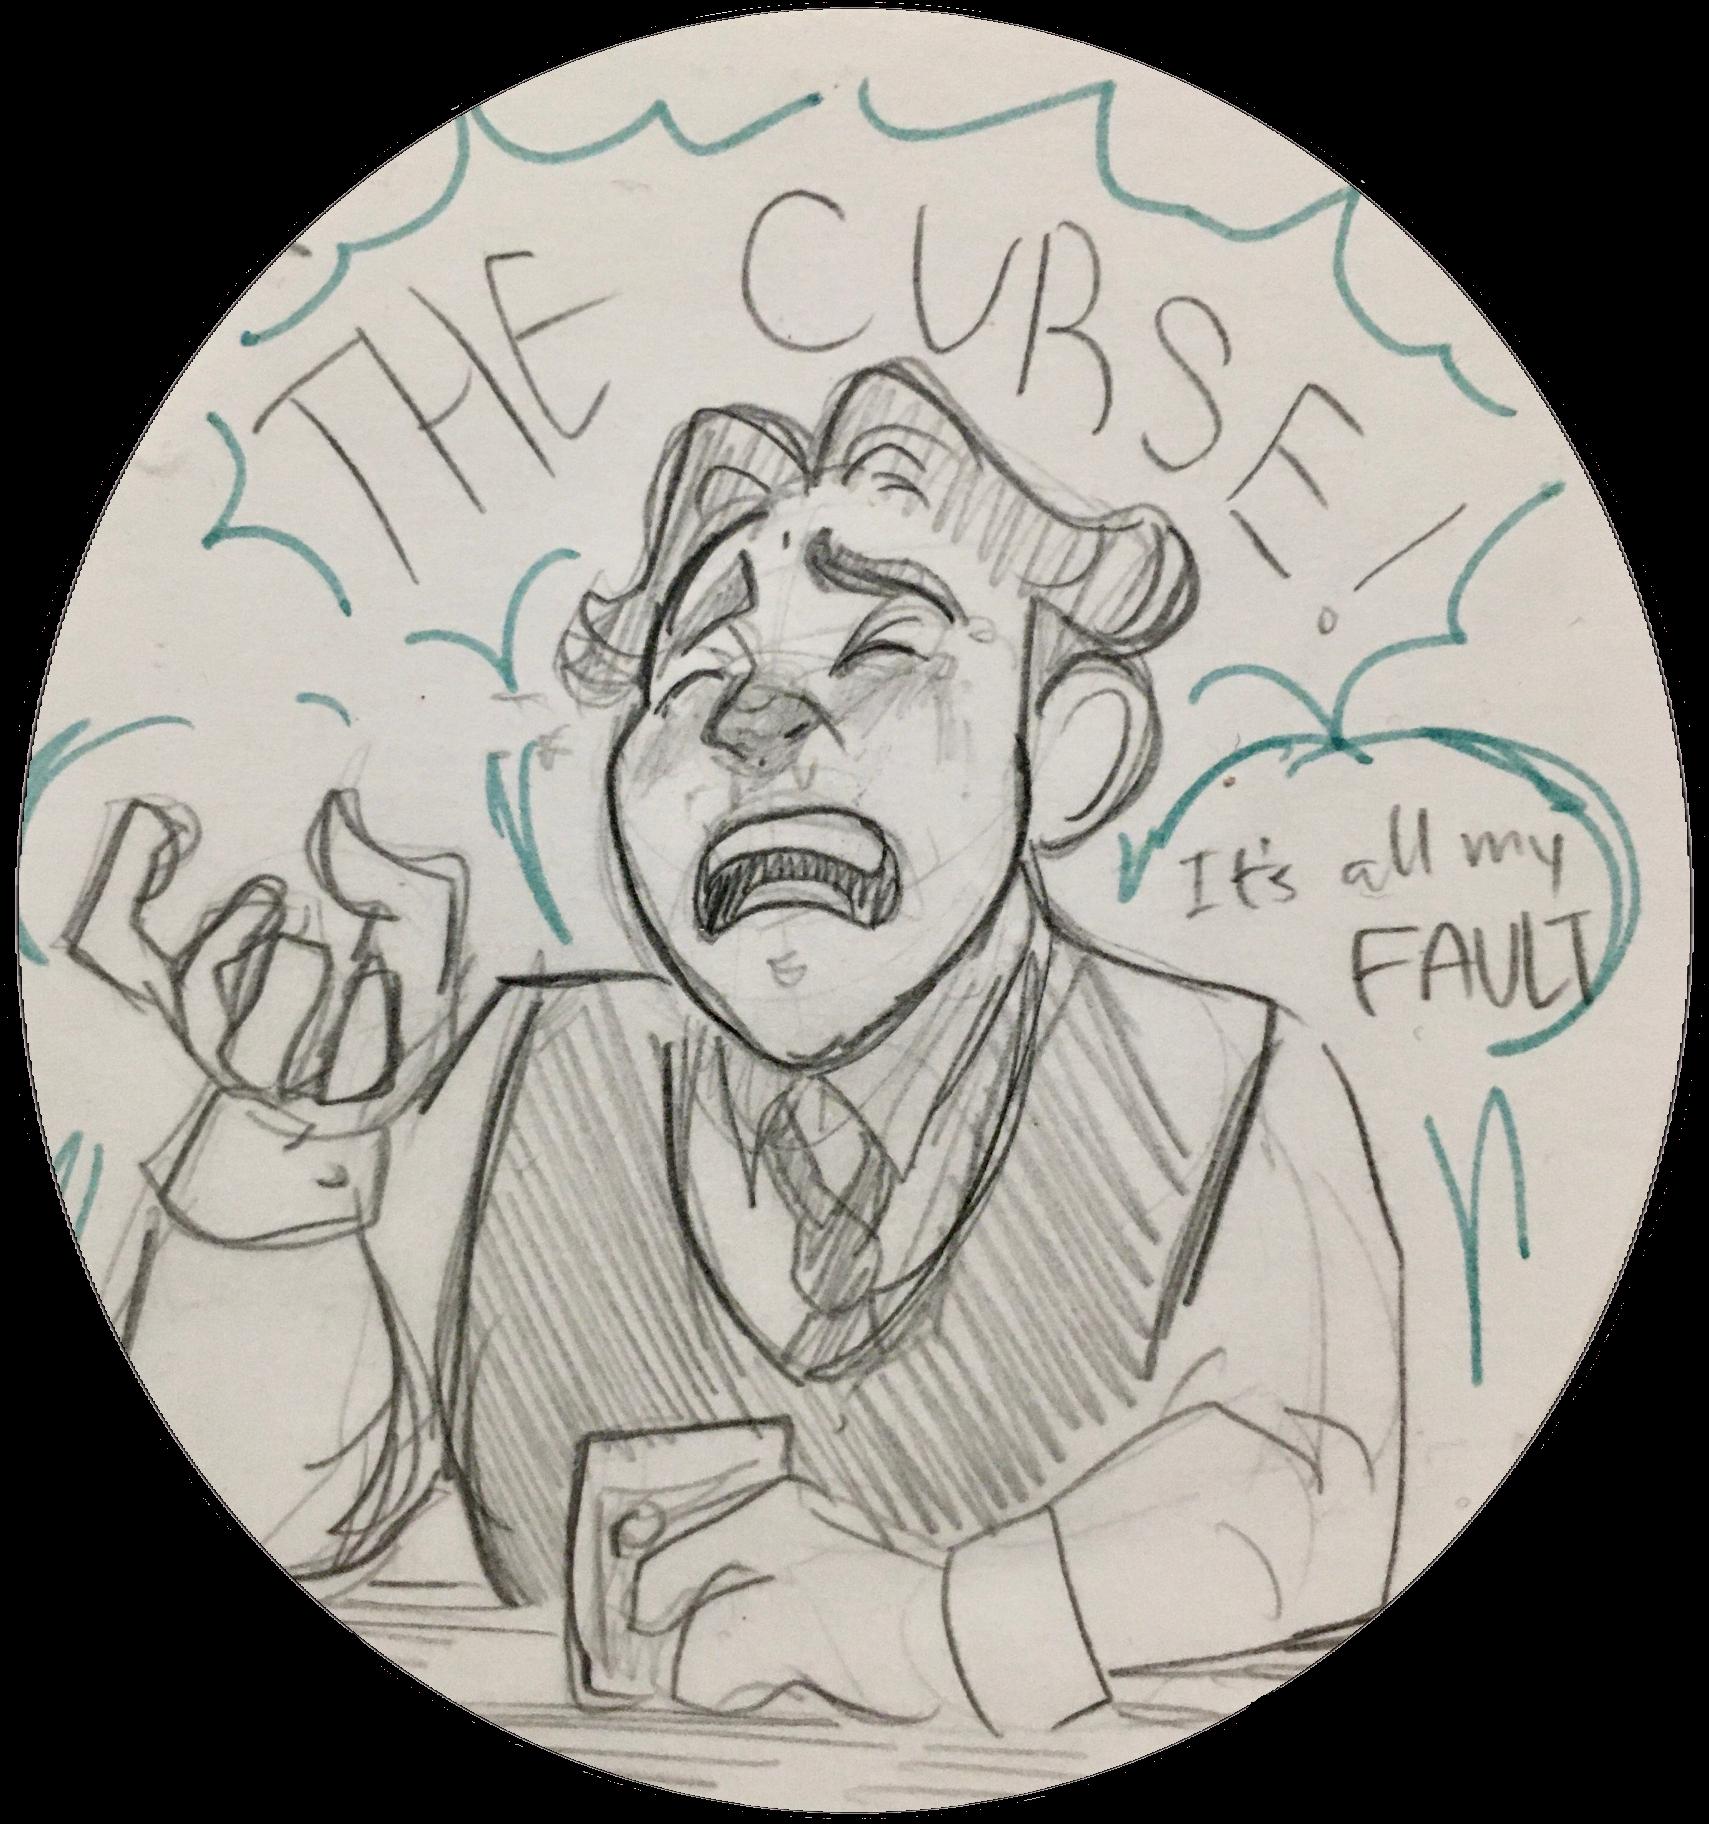 RQG 93 - The Curse!!!